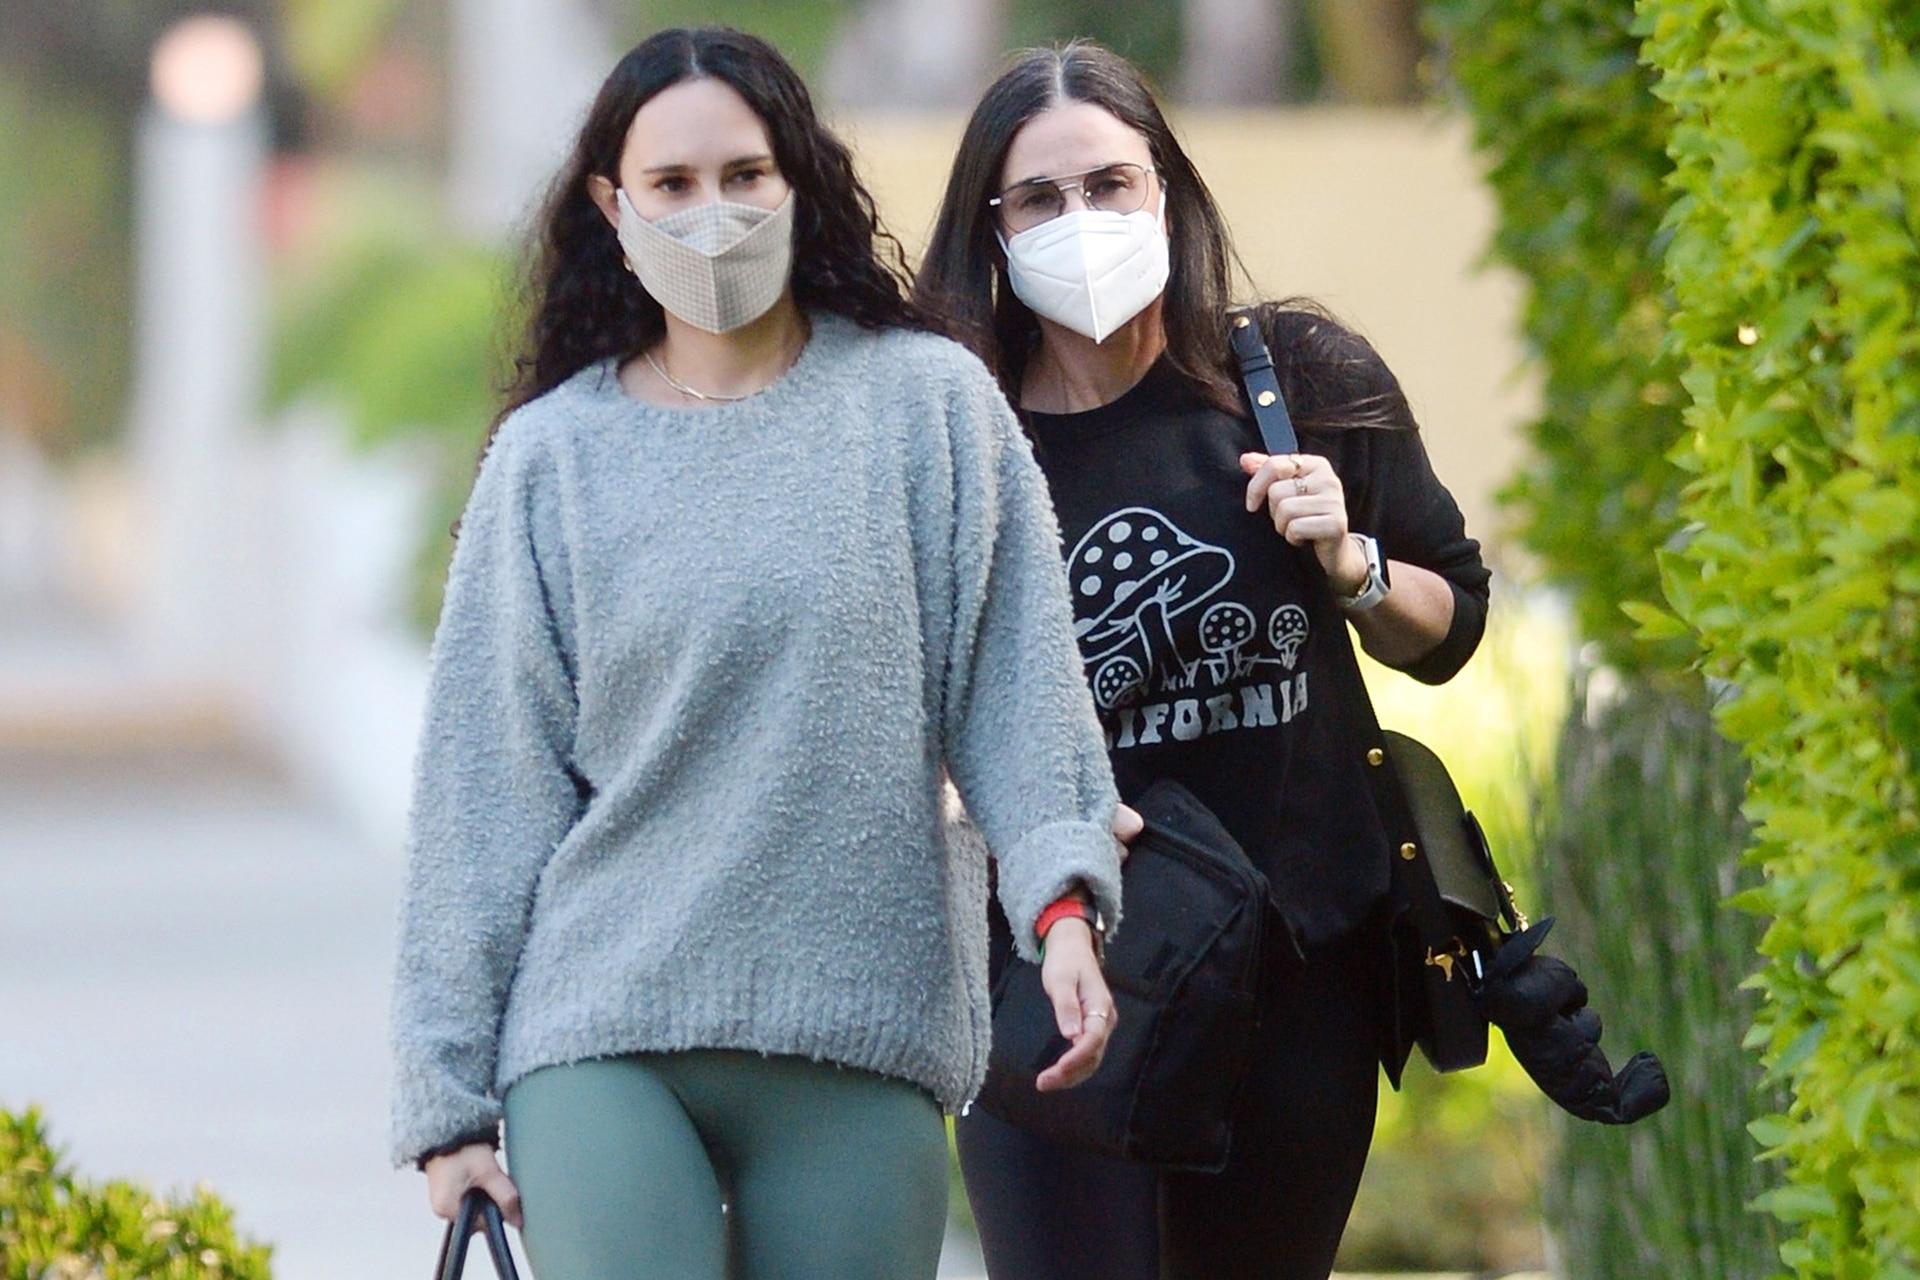 Recuperar el tiempo perdido. Demi Moore junto a su hija, Rumer, después de una clase de pilates en Los Ángeles, esta semana.